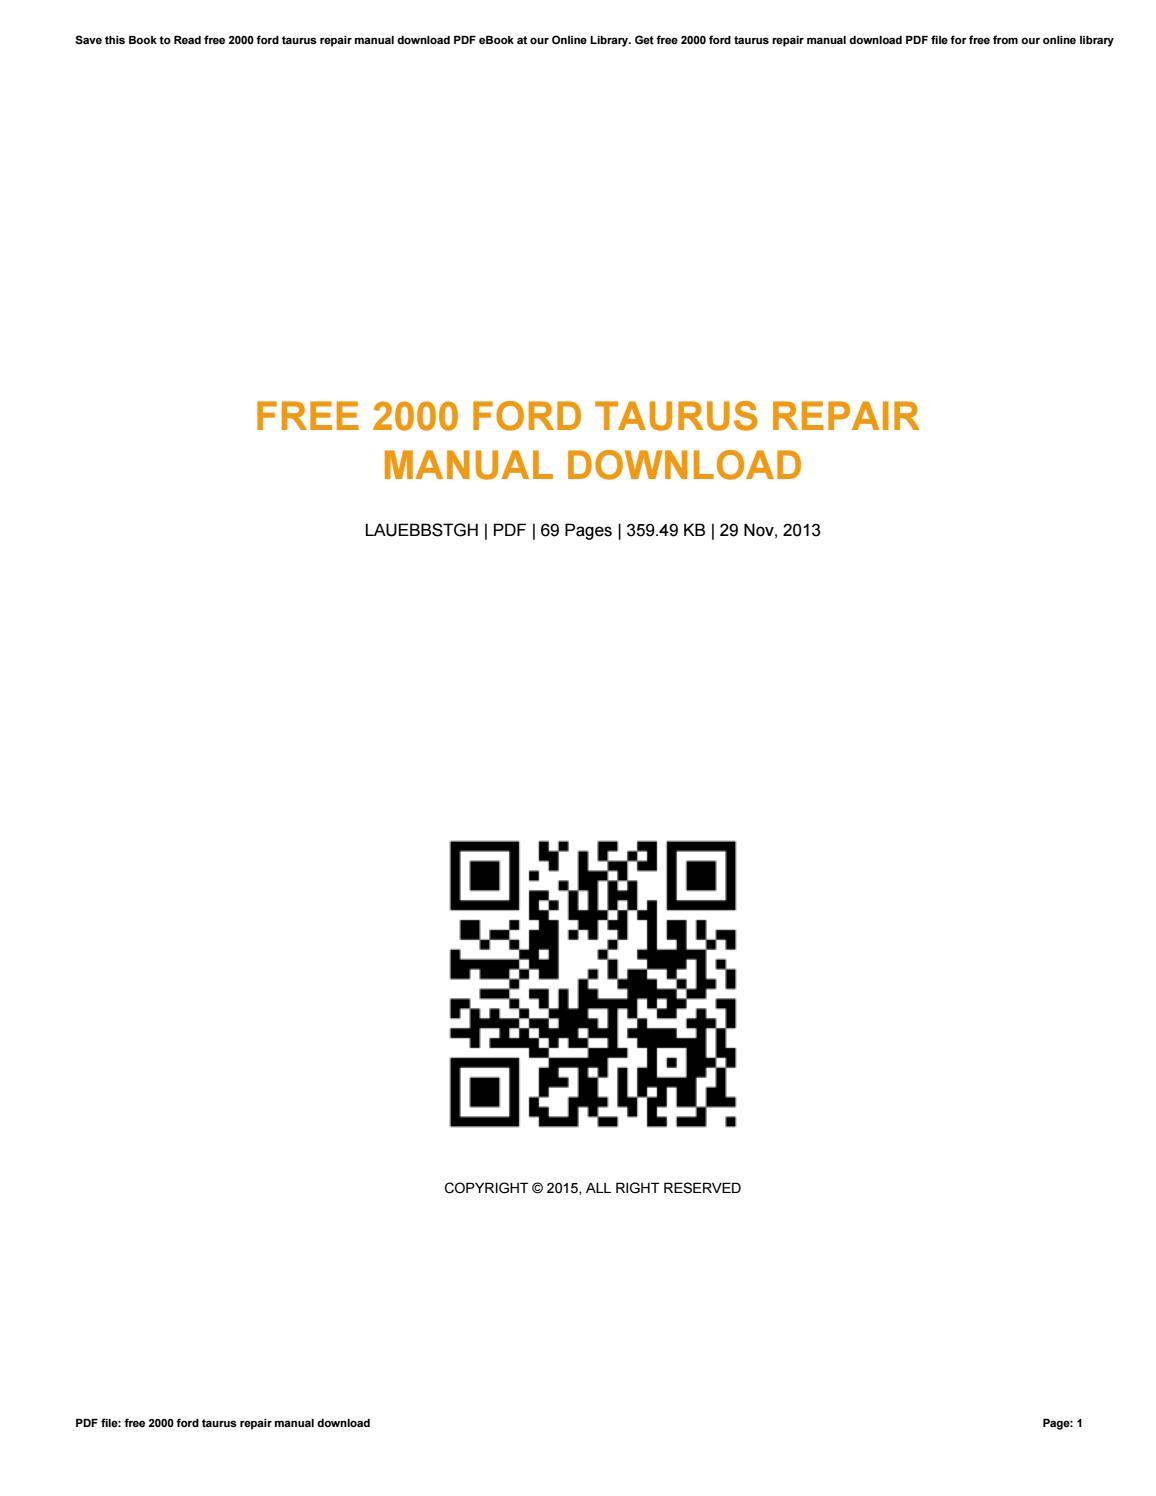 Free 2000 ford taurus repair manual download by